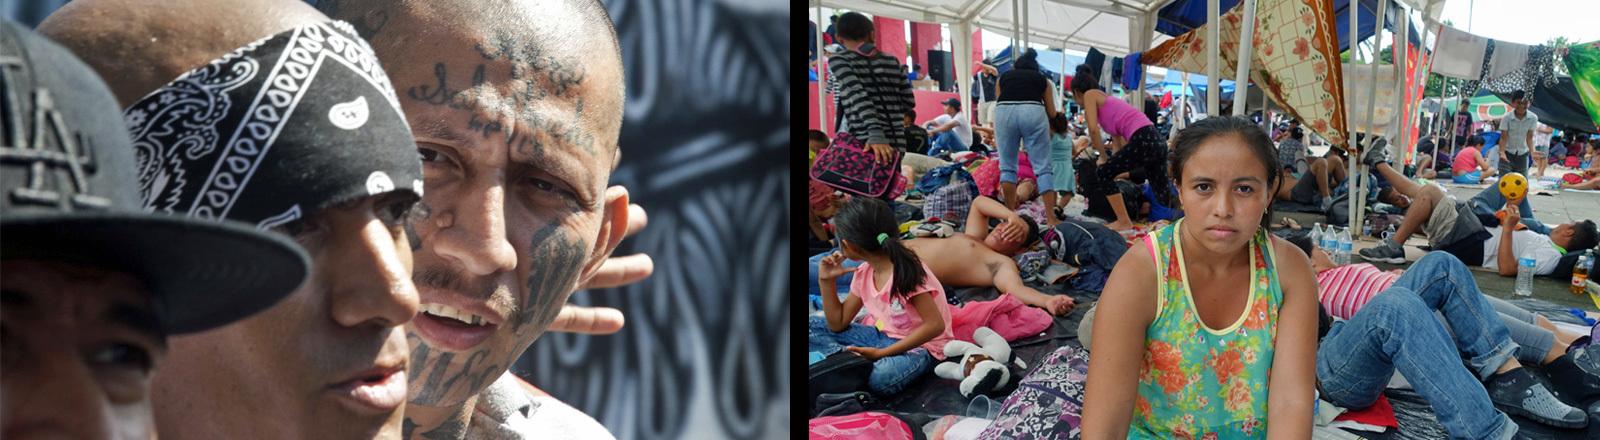 Jugendbandenmitglieder der Mara in El Salvador und geflüchtete in einem Auffanglager, die vor den Maras geflohen sind.